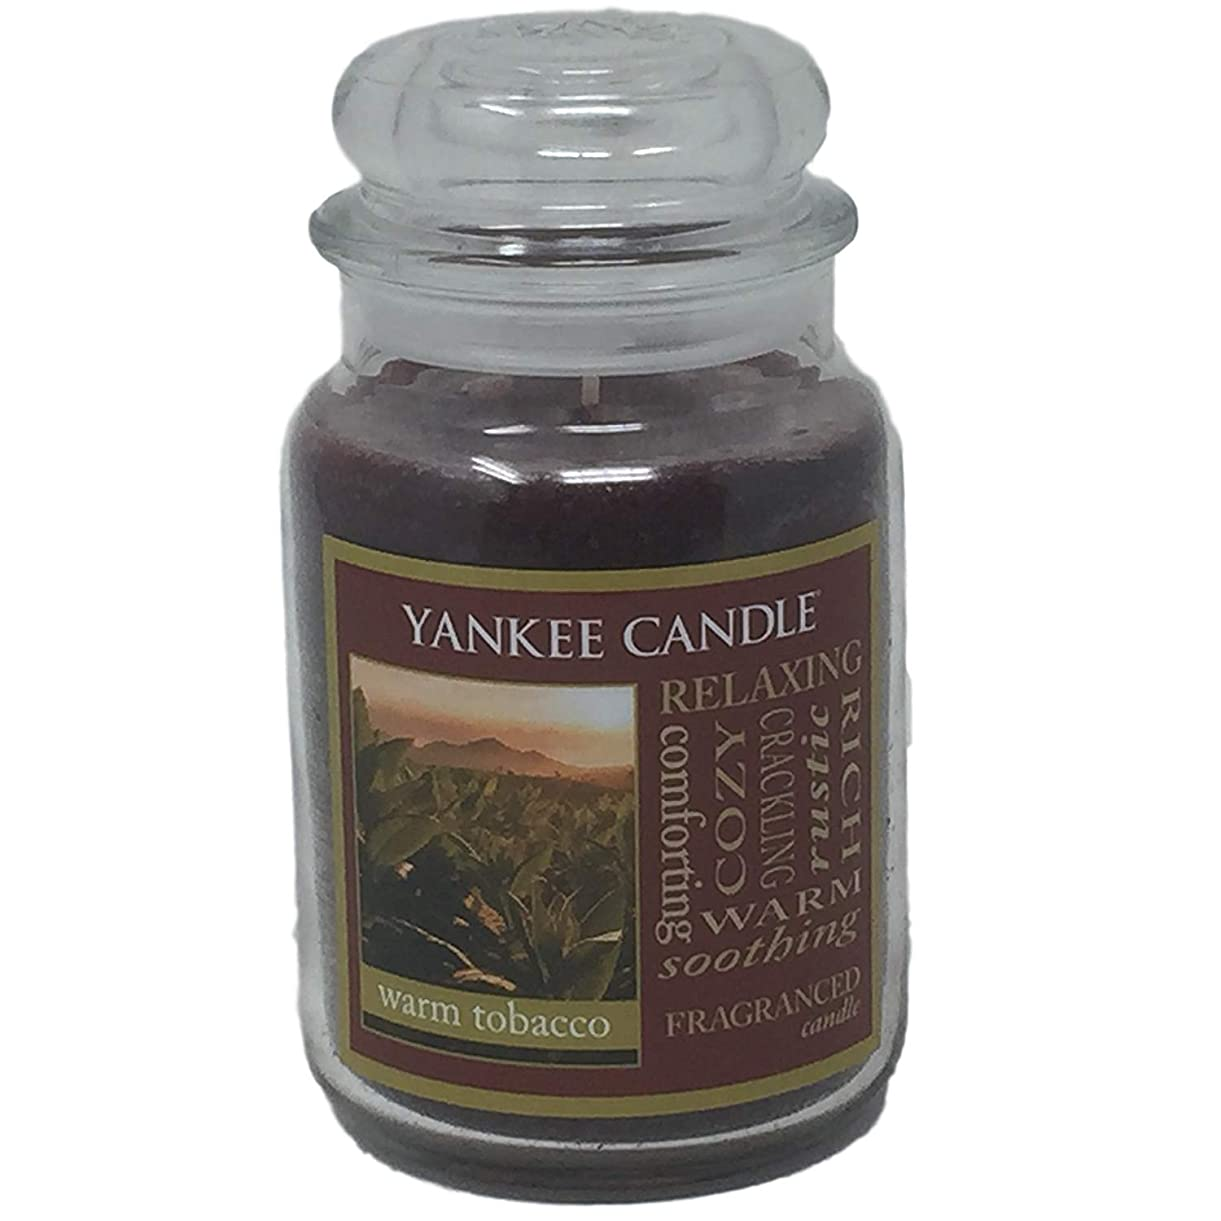 本土バケット眠りYankee Candle WarmタバコJar Candle?–?22?oz Largeサイズ